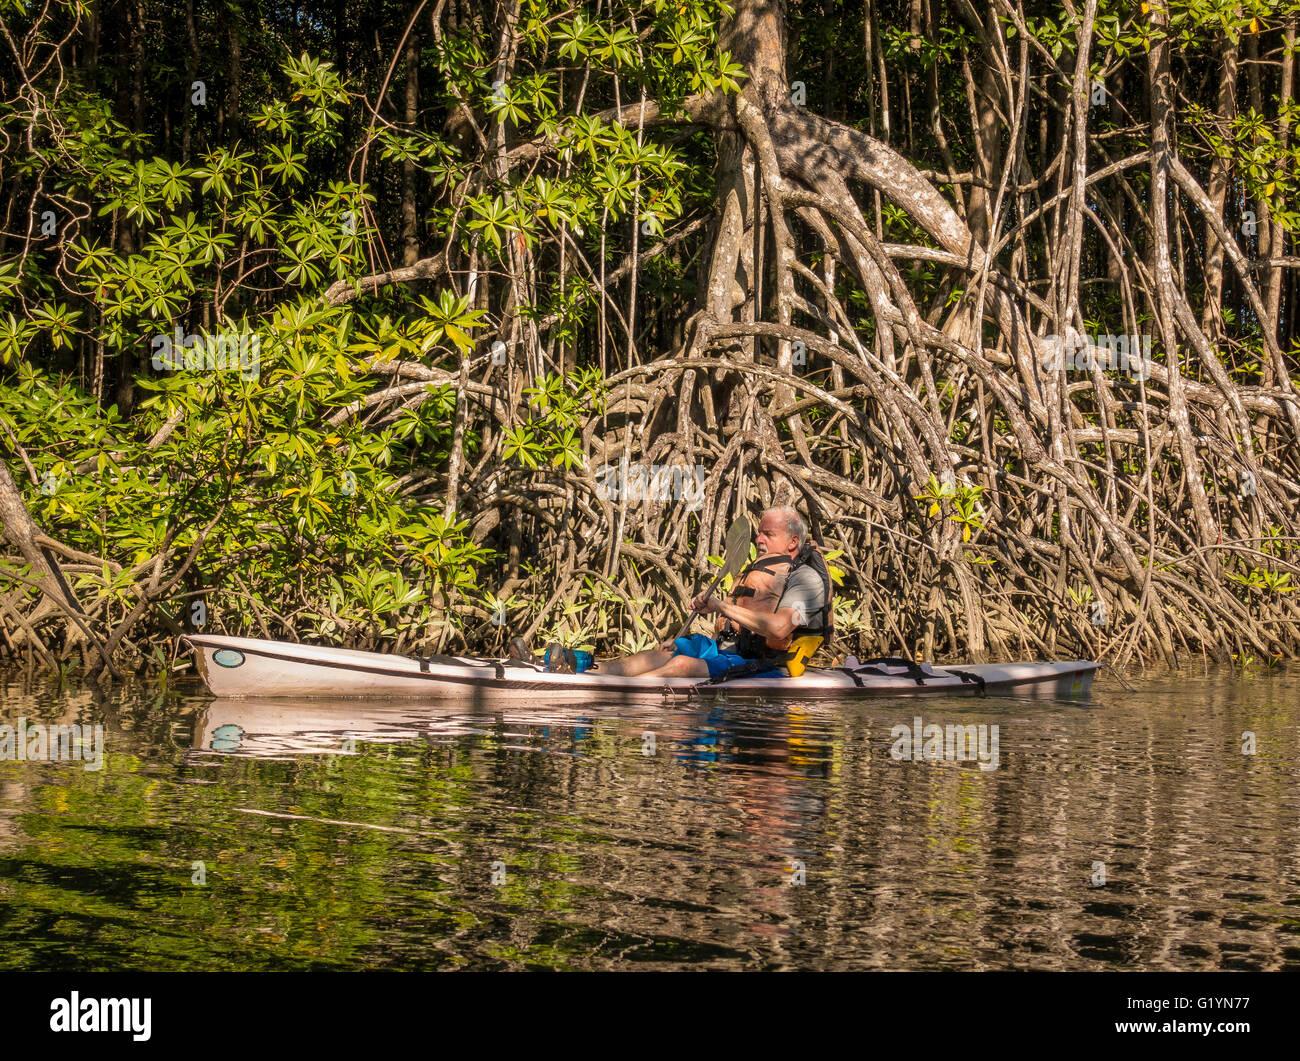 OSA PENINSULA, COSTA RICA - Man in kayak on river in mangrove swamp. - Stock Image